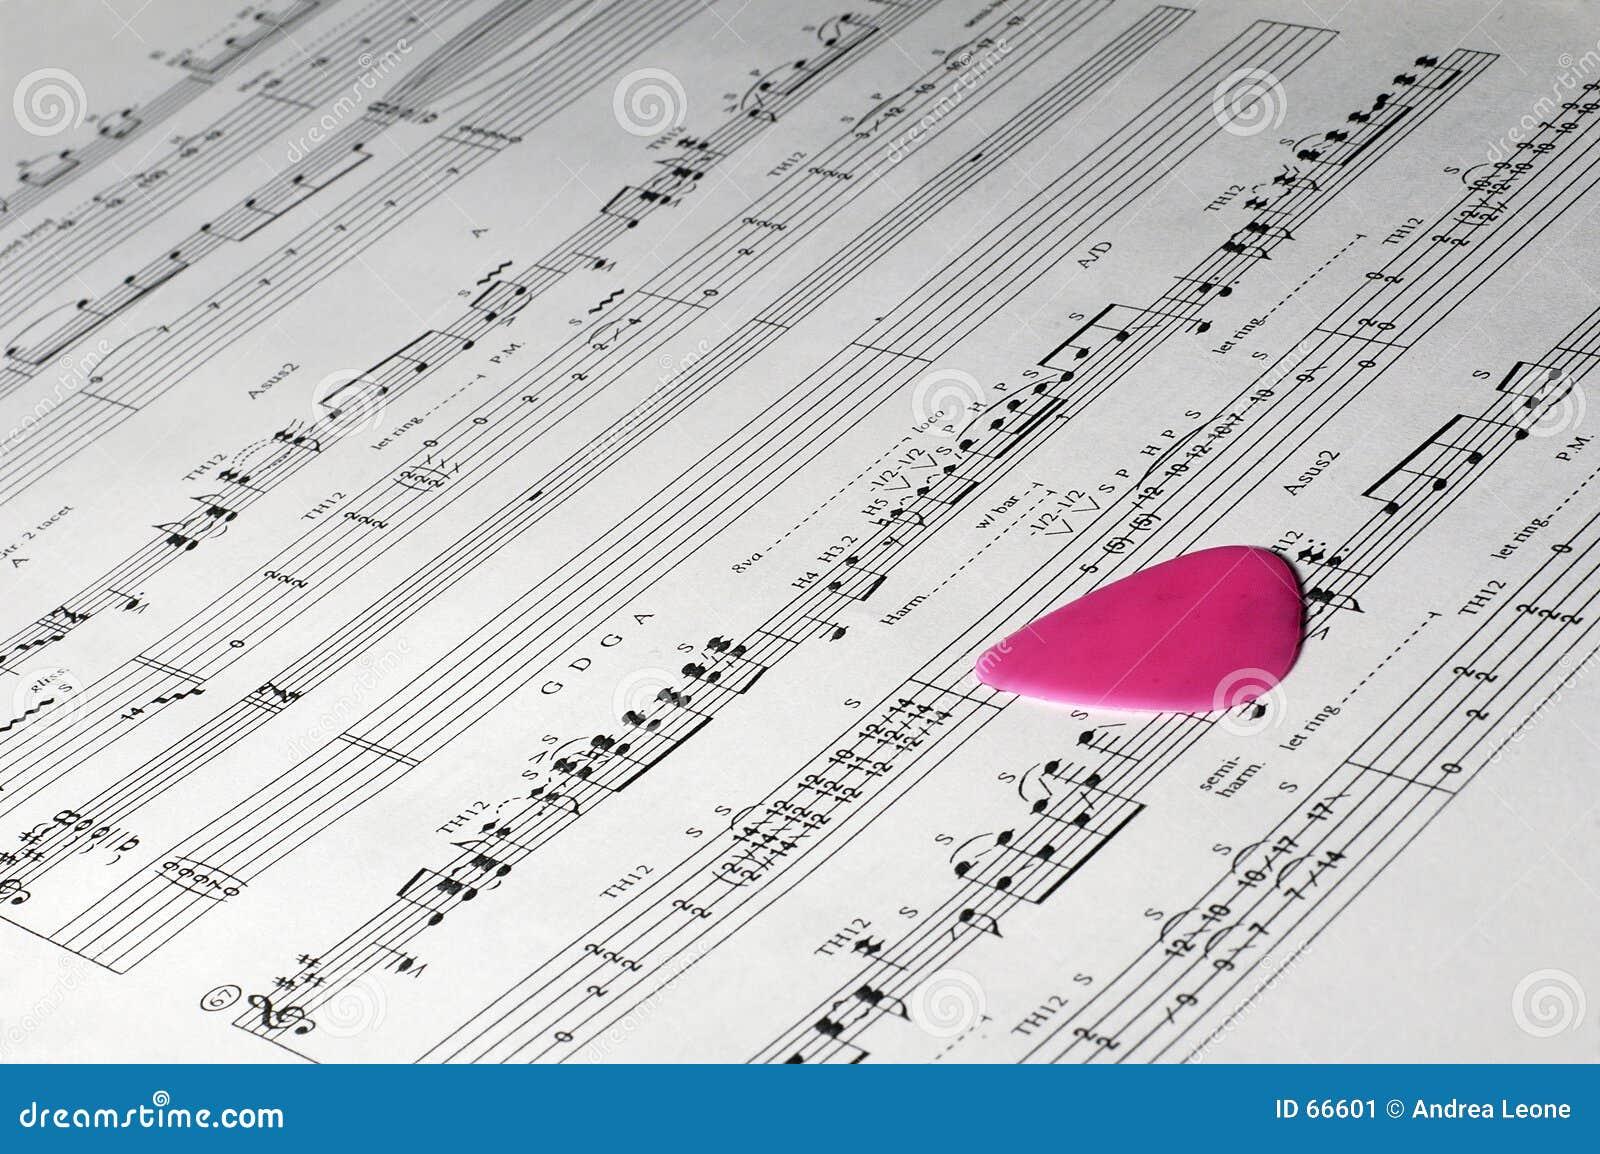 Tablature de la guitarra